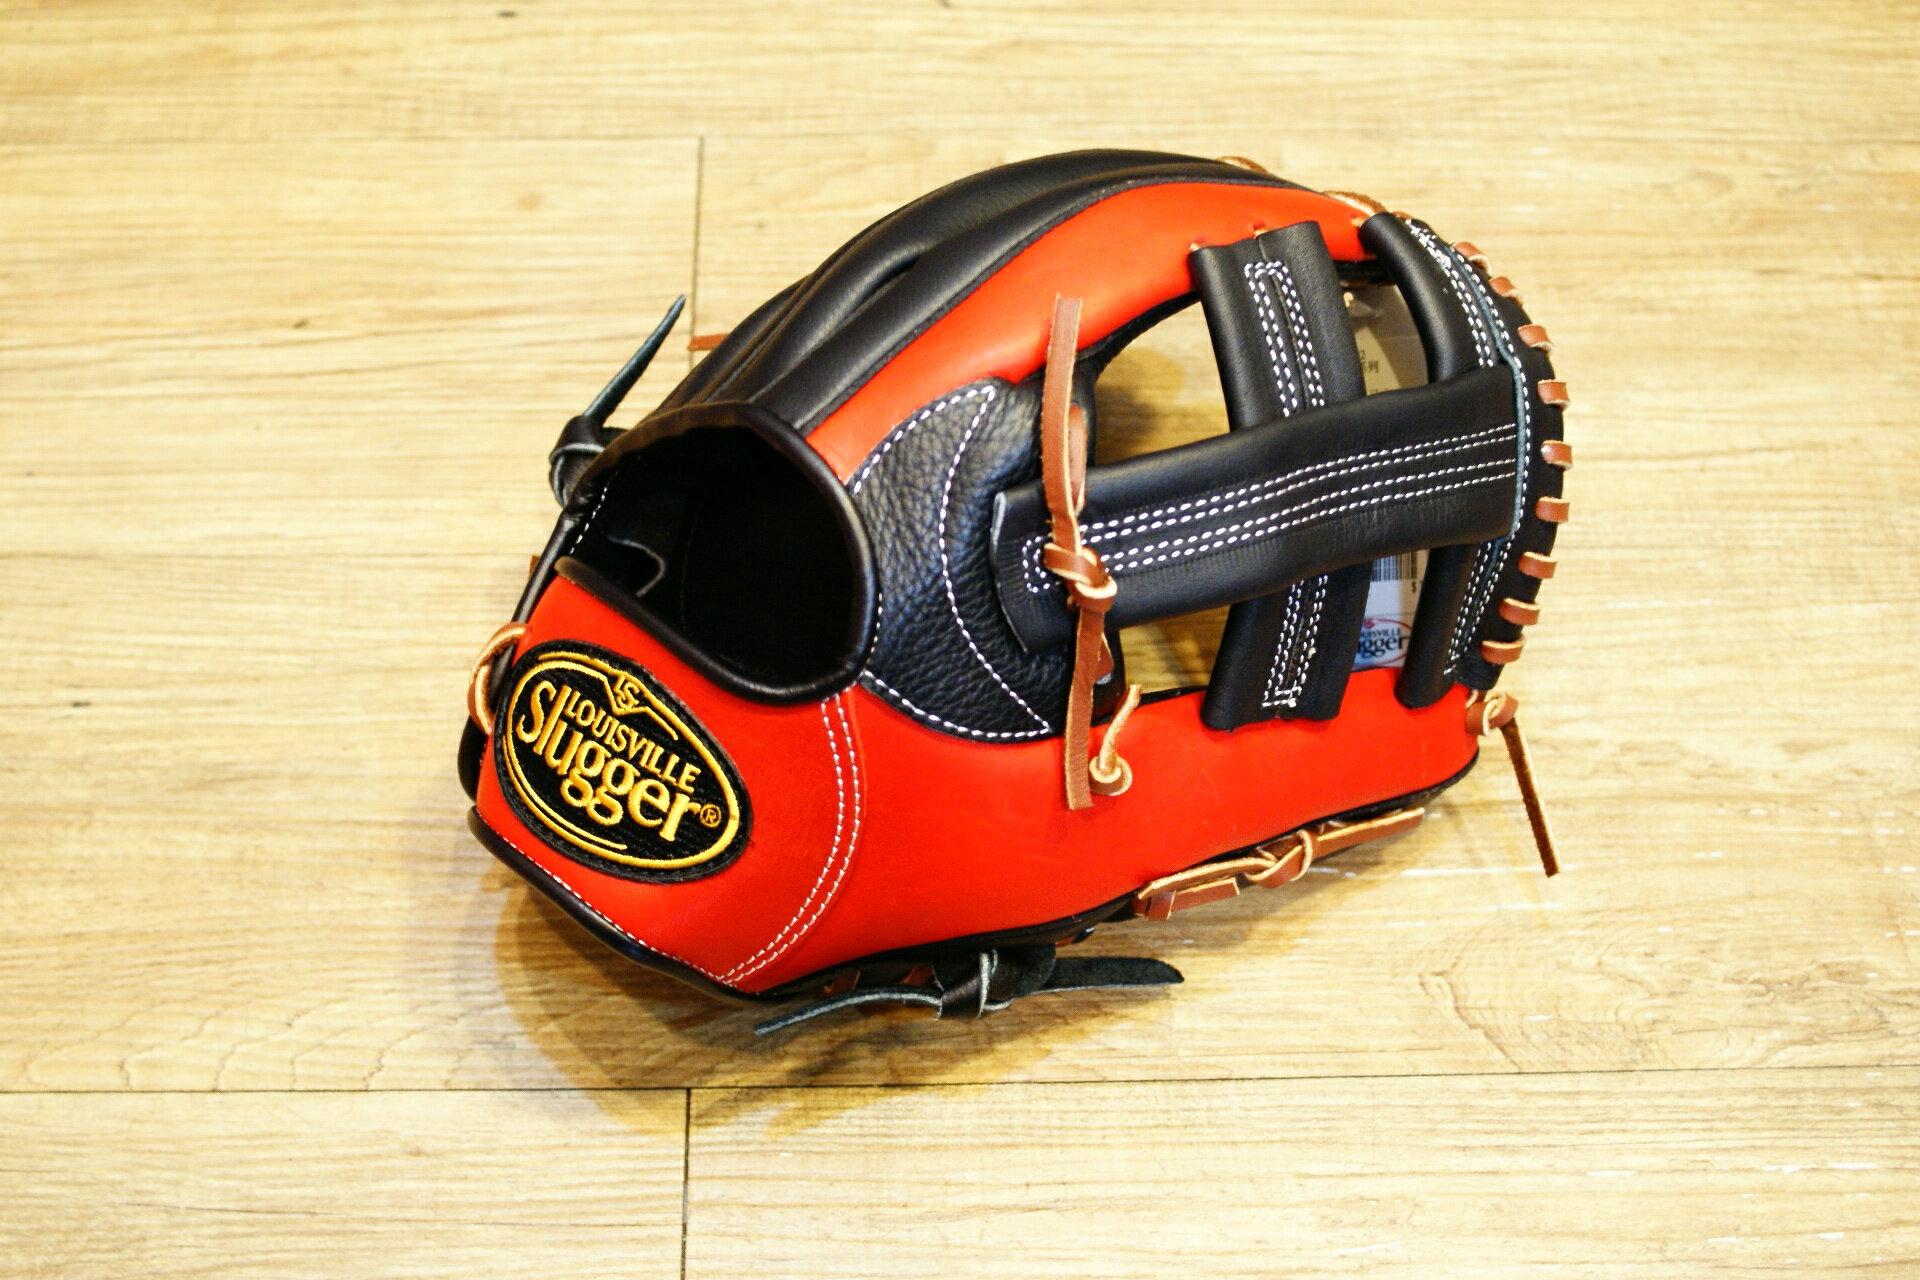 棒球世界 全新Louisvill Slugger 路易斯威爾TPX黑紅配色內野手手套 特價